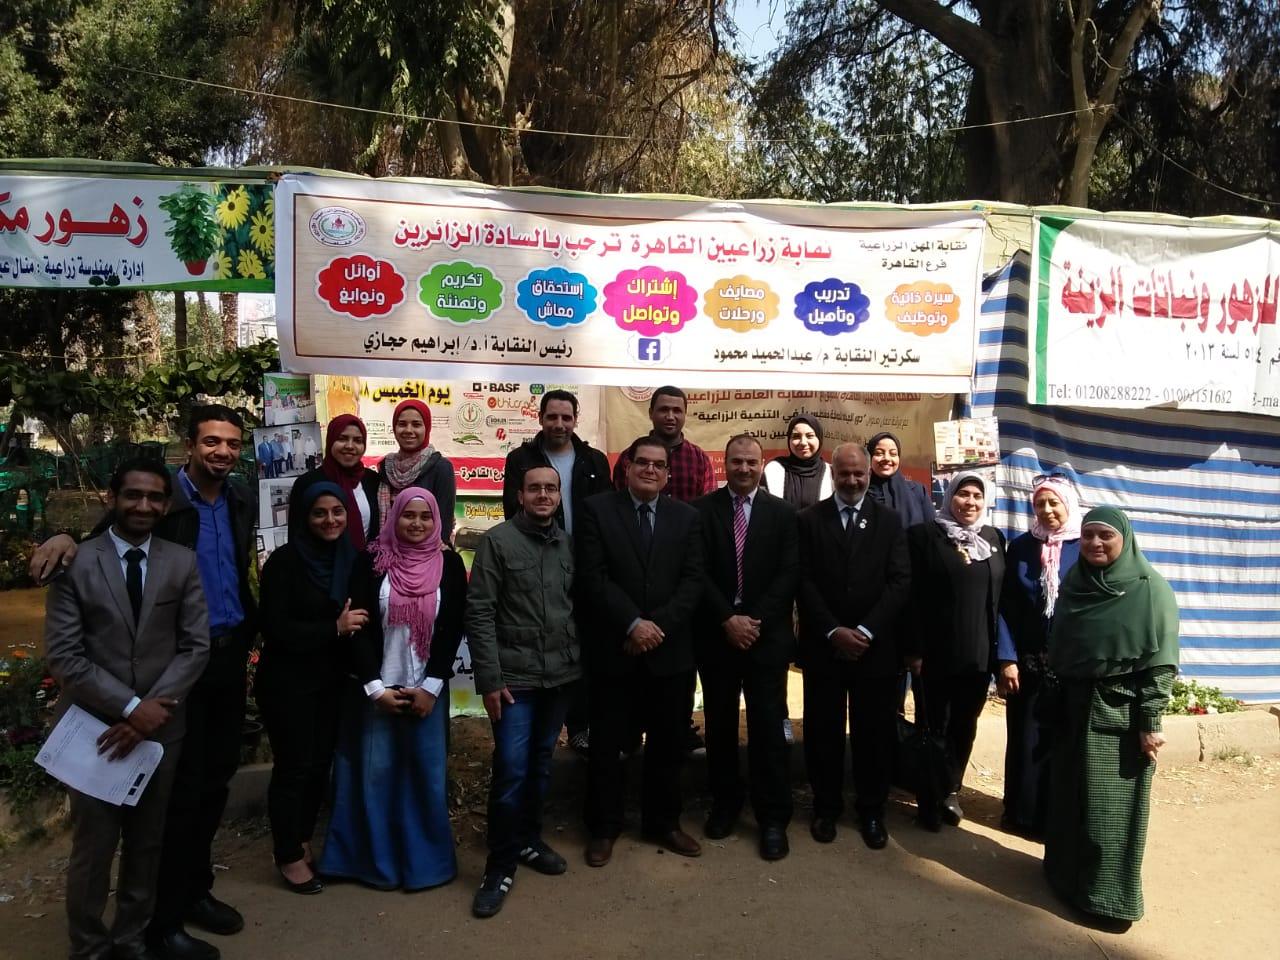 صورة نقابة المهن الزراعية فرع القاهرة تشارك في معرض الزهور بحديقة الأورمان